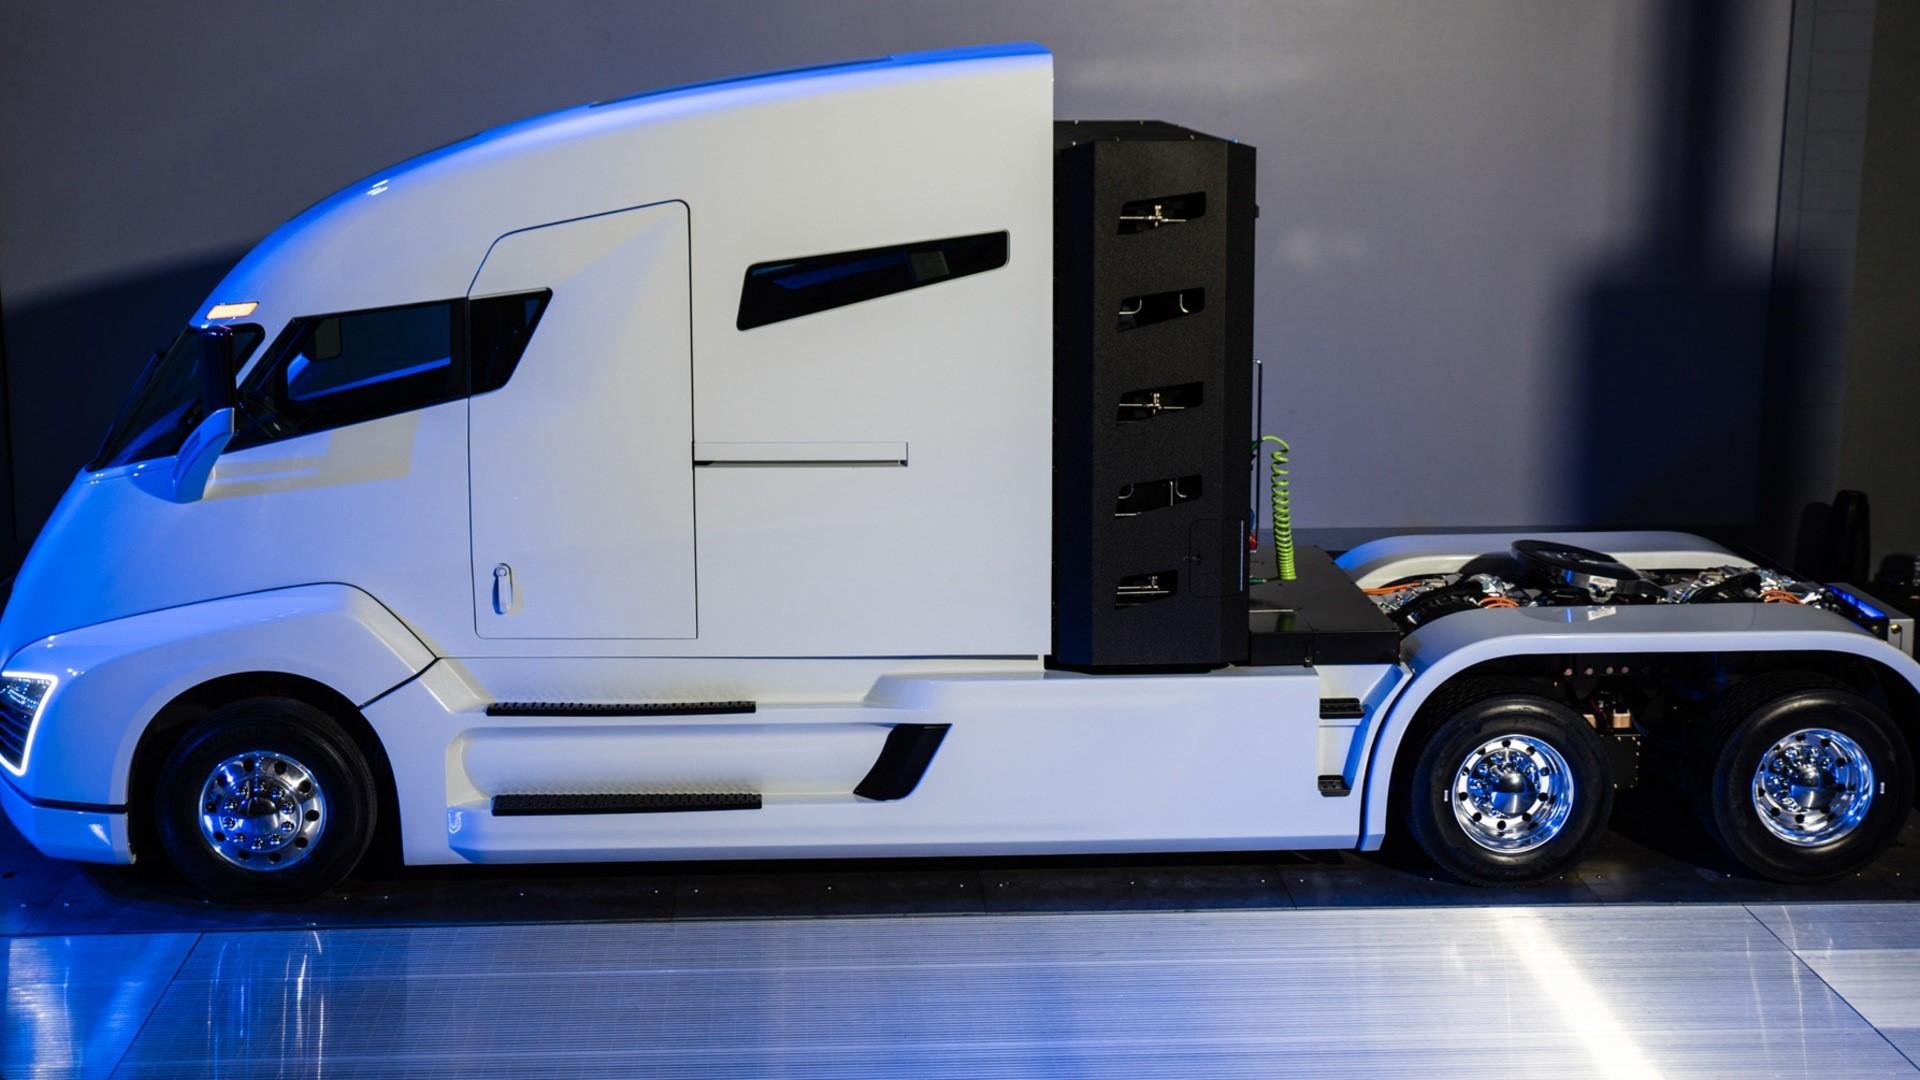 Nikola hybrid truck uhd duvar kağıtları